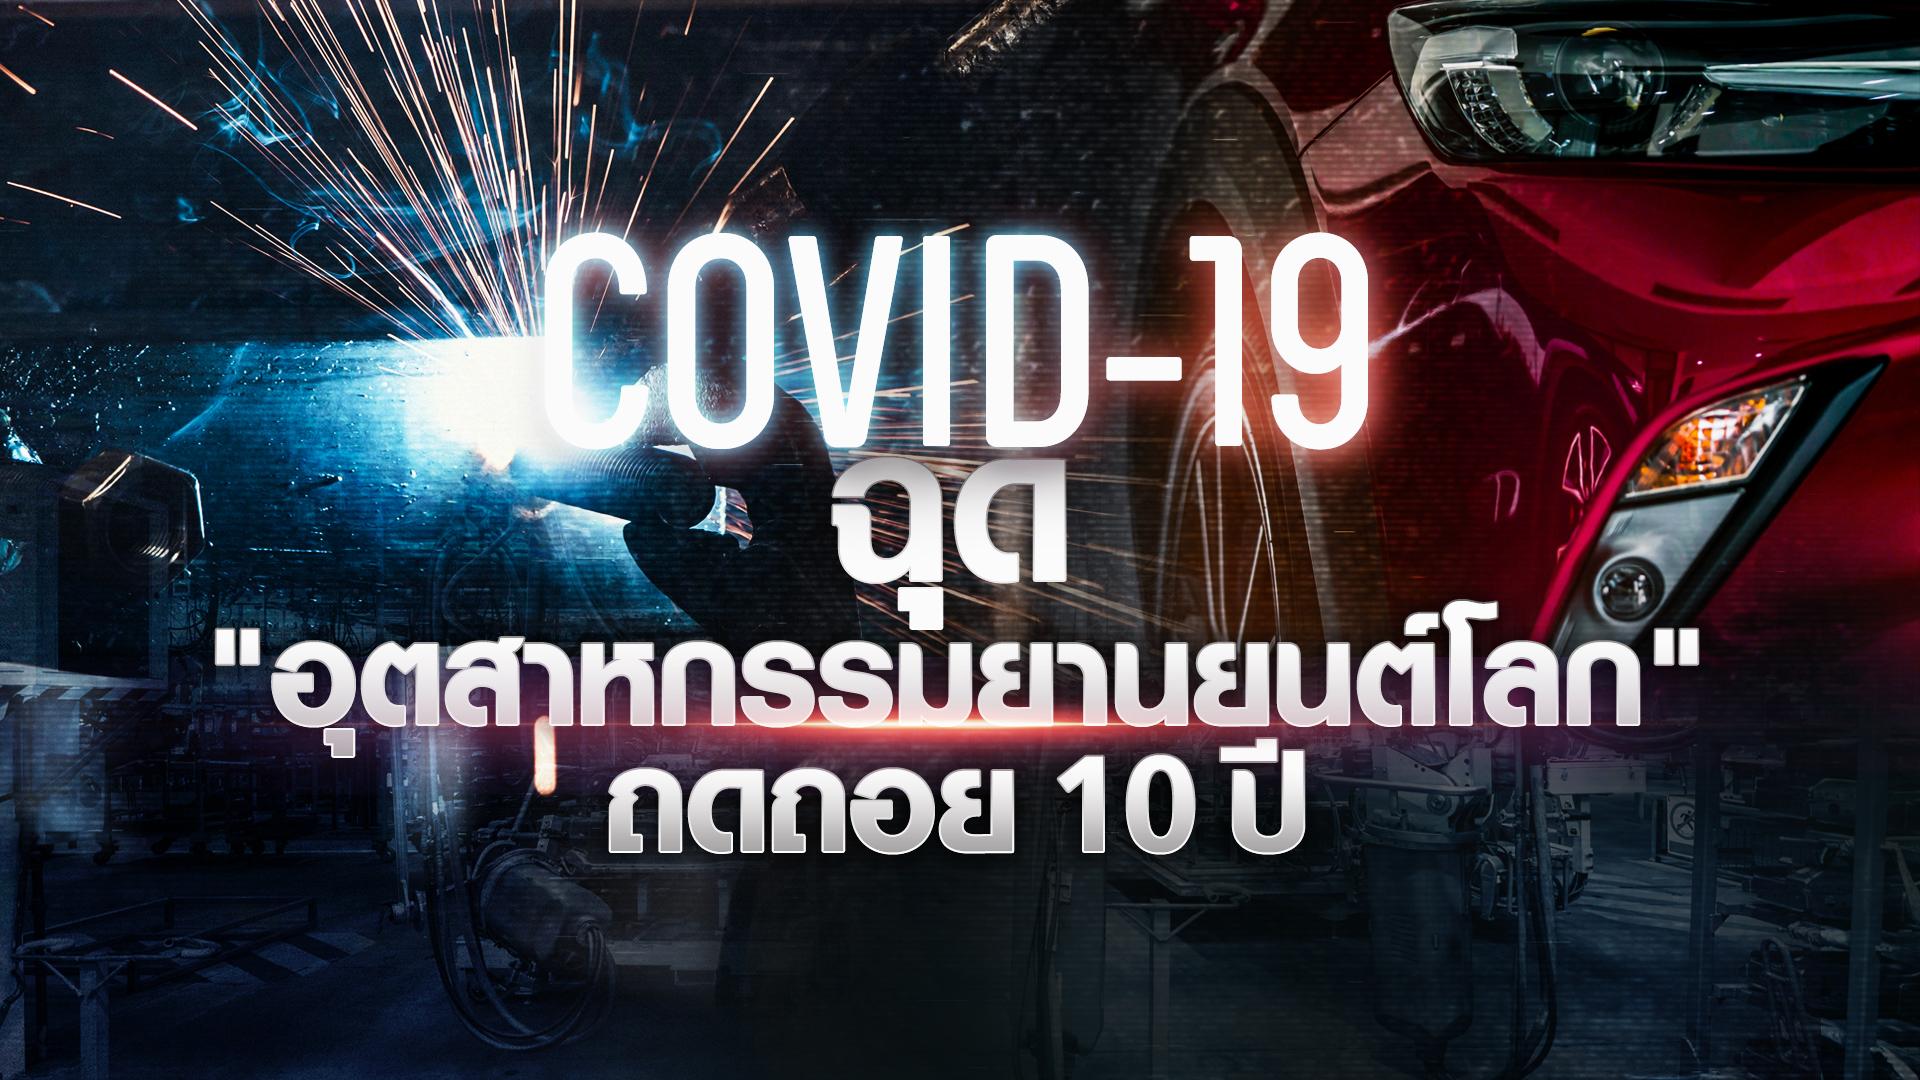 COVID-19 ฉุดอุตสาหกรรมยานยนต์โลกถดถอย 10 ปี